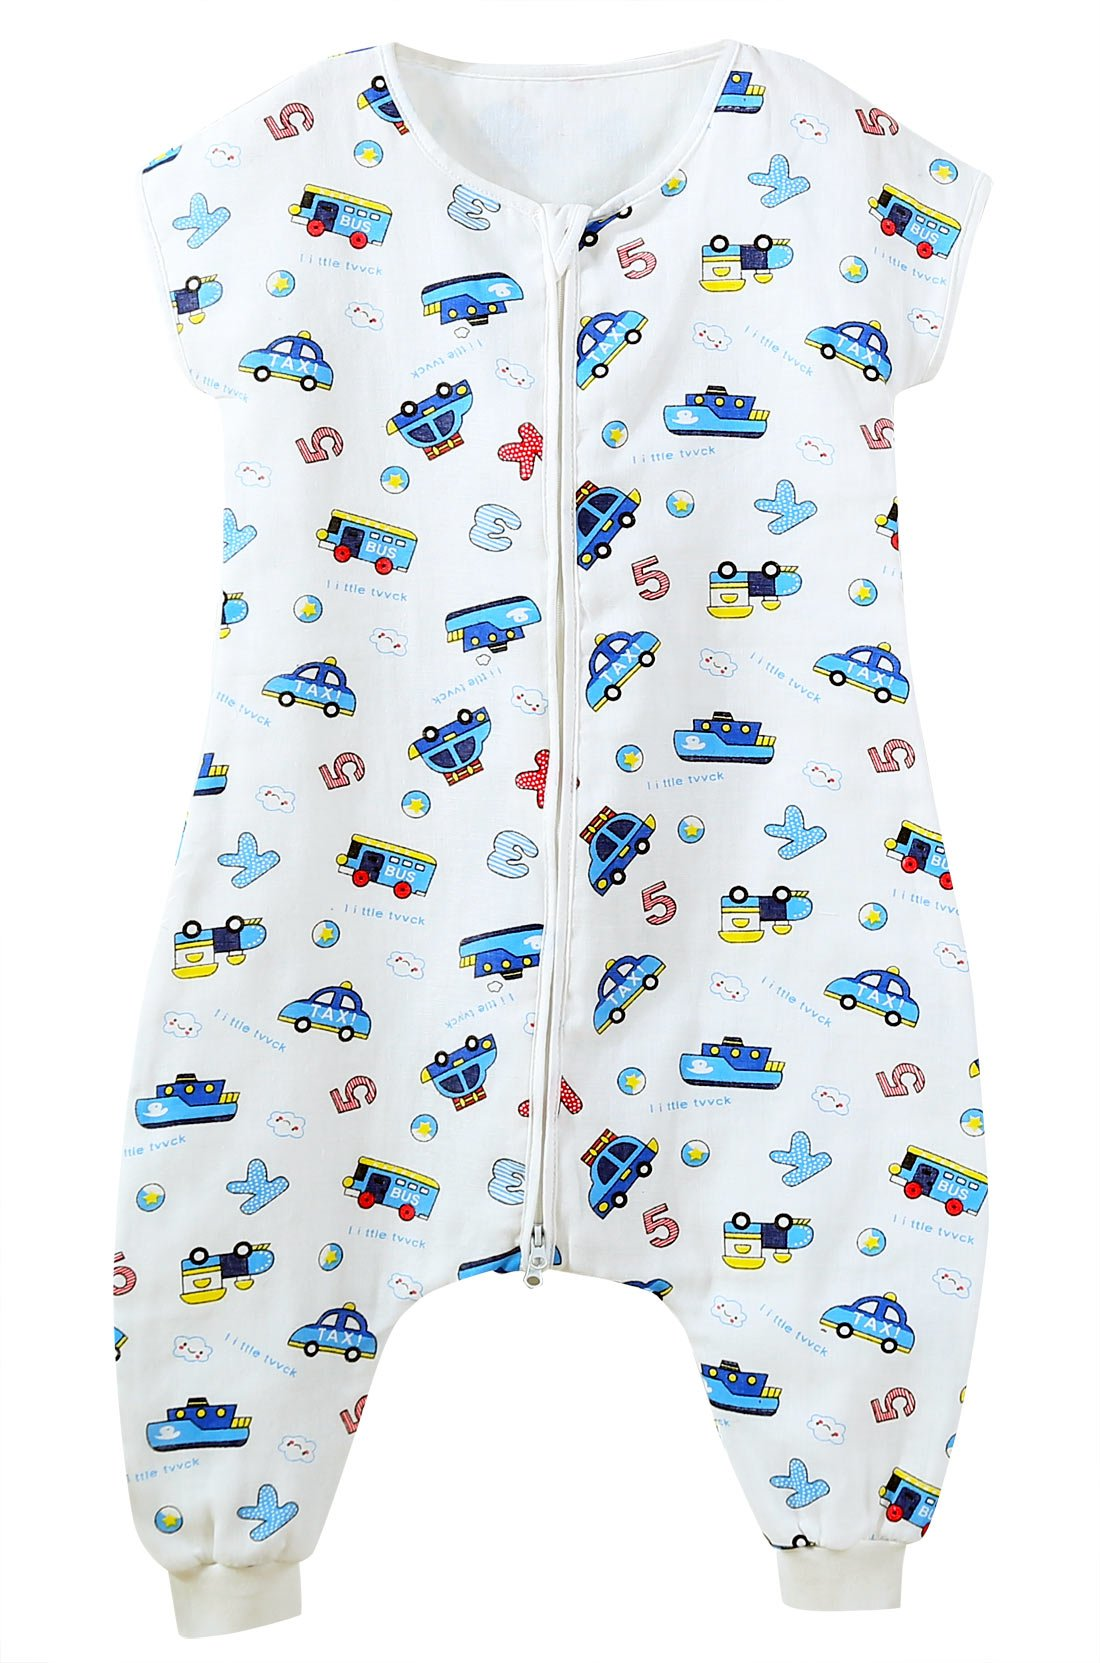 FEOYA Saco de Dormir Bebé Verano sin Manga Pies Separados Sleepingbag Estampados Algodón Transpirable 70-90CM